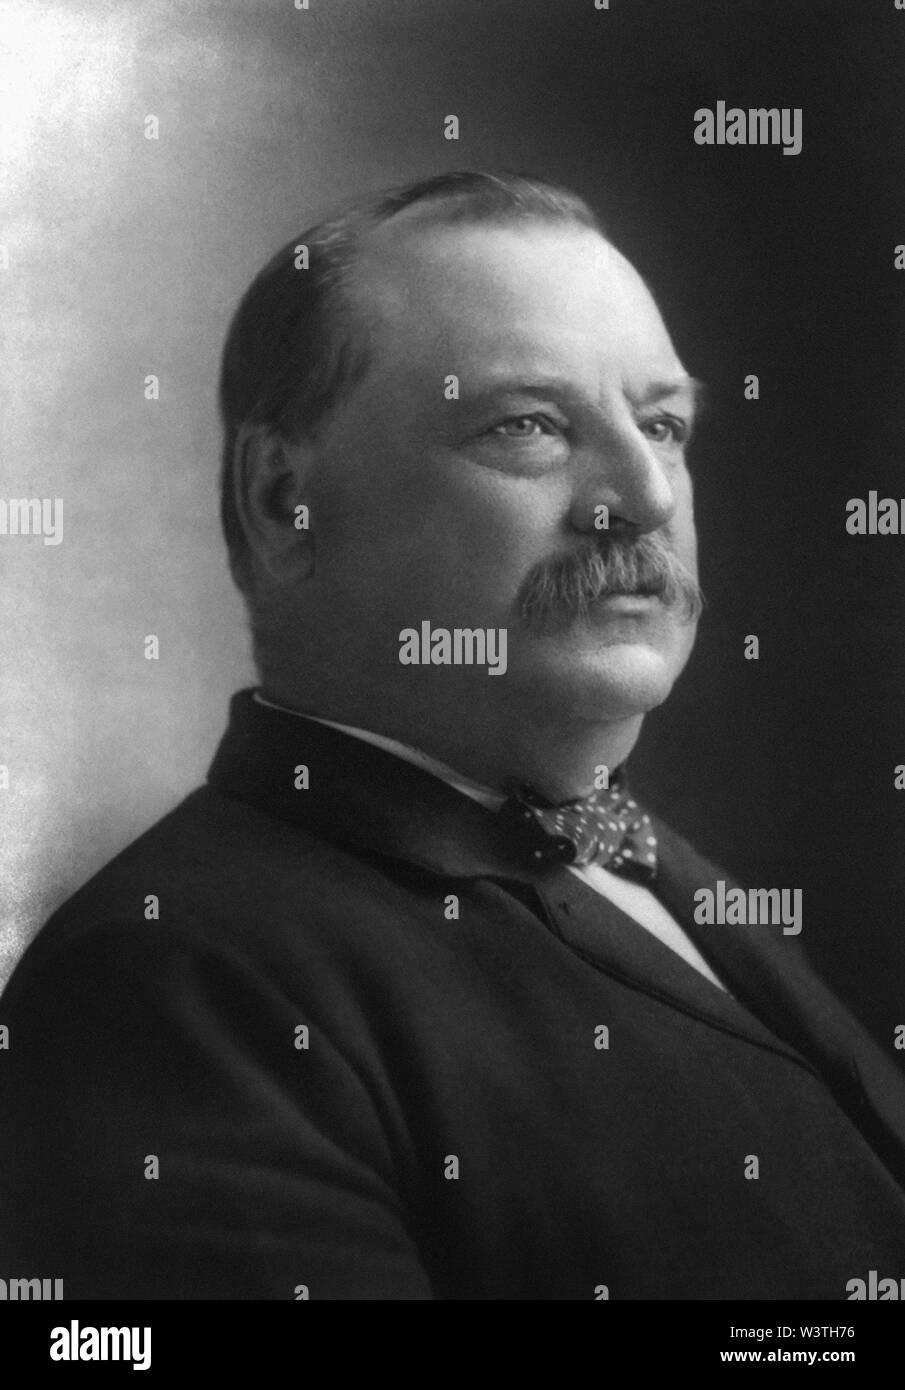 Grover Cleveland (1837-1908), 22º y 24º Presidente de los Estados Unidos 1885-89 y 1893-97, la cabeza y los hombros retrato, Fotografía por N. Sarony, 1892 Imagen De Stock